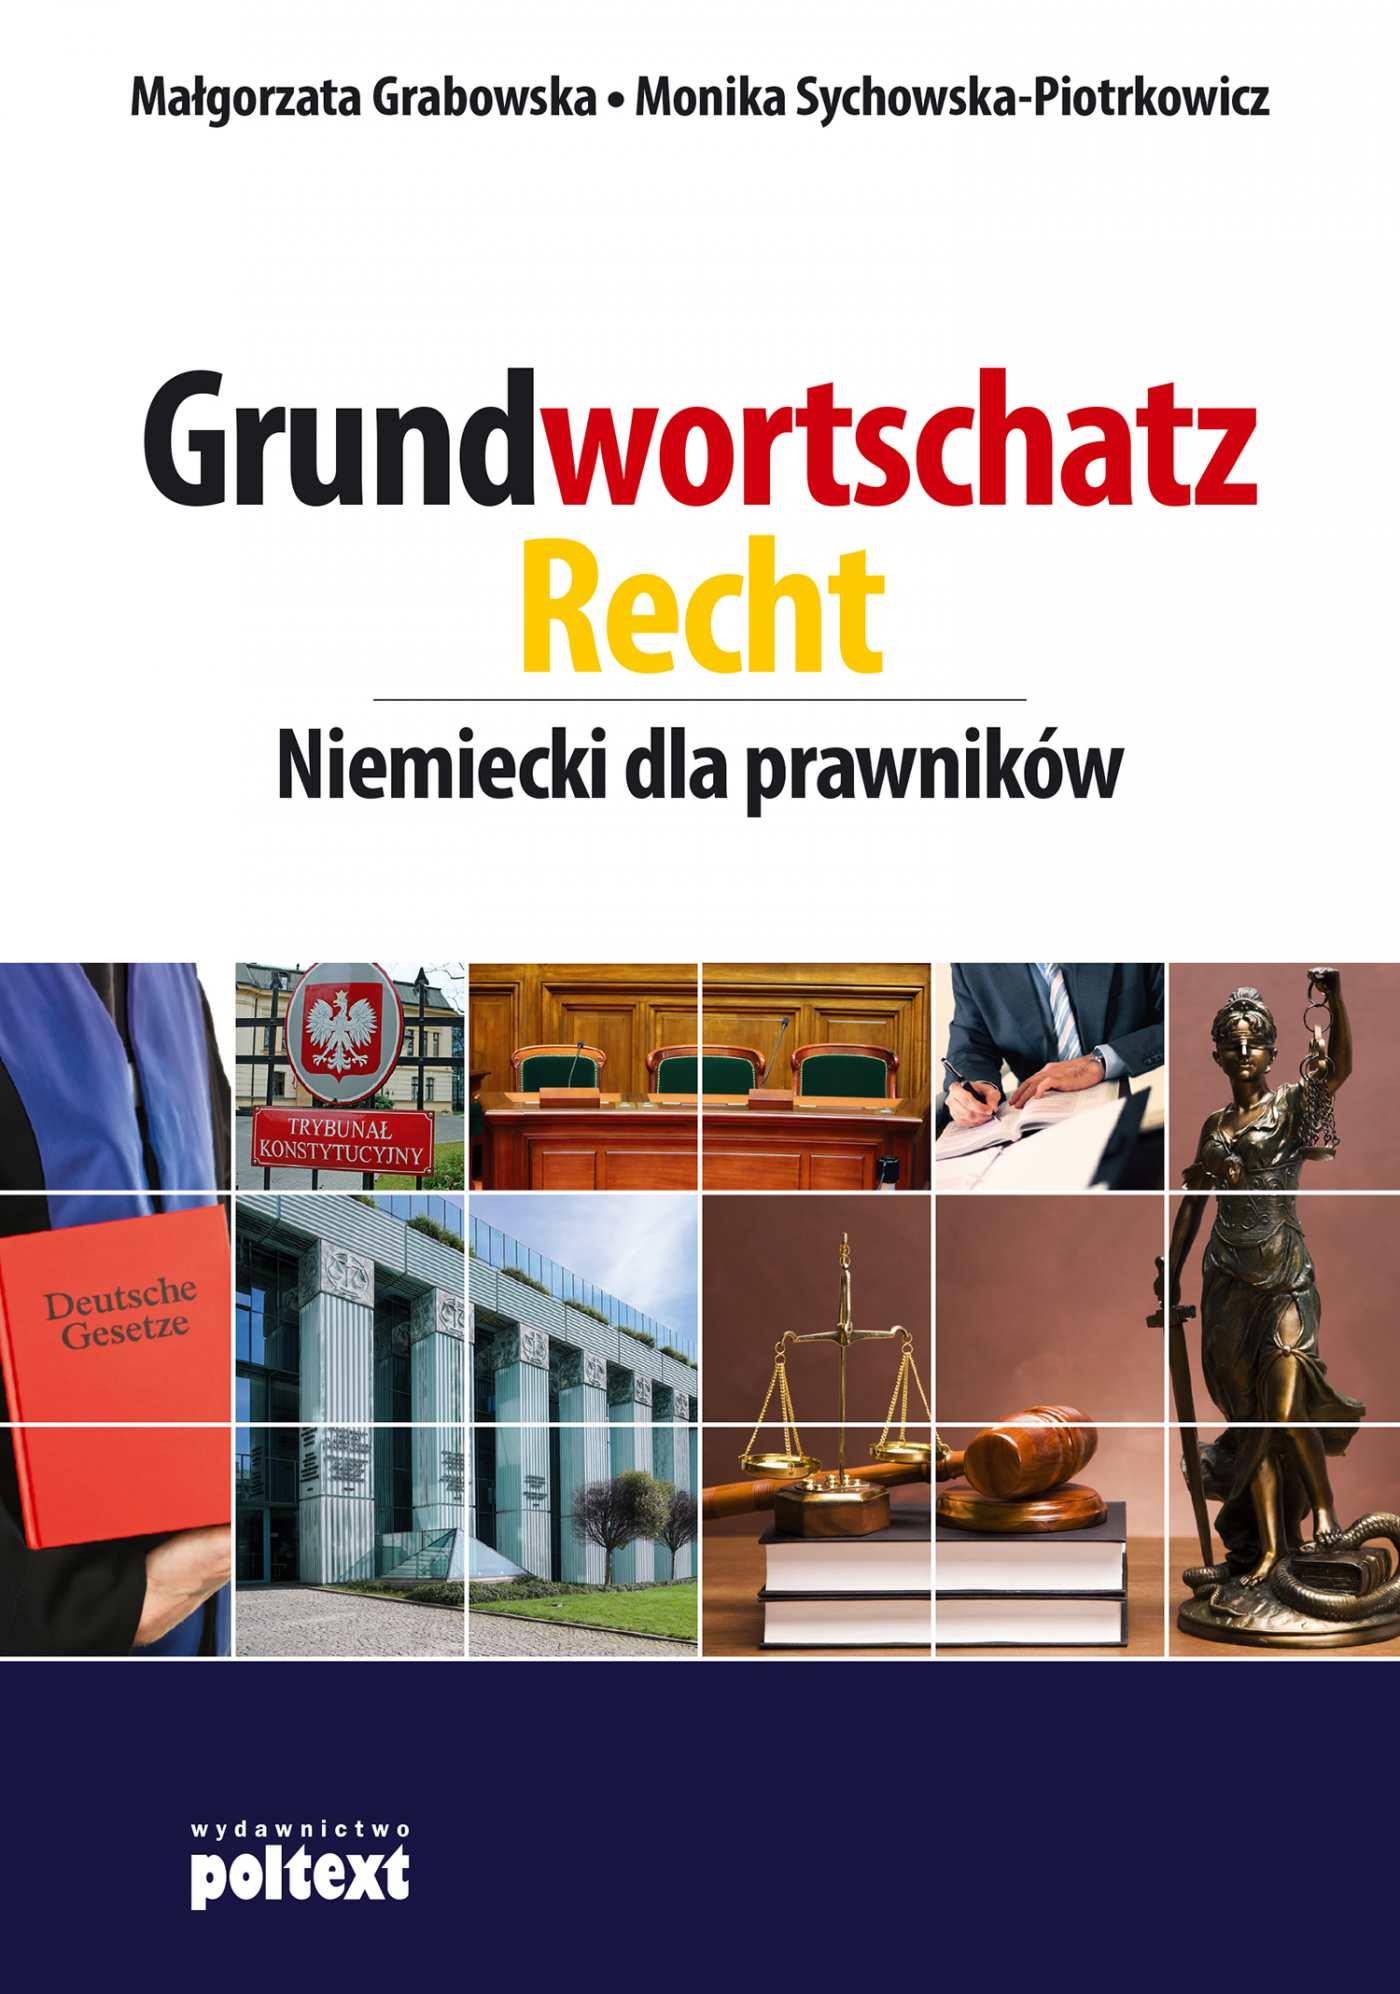 Grundwortschatz Recht. Niemiecki dla prawników - Ebook (Książka EPUB) do pobrania w formacie EPUB